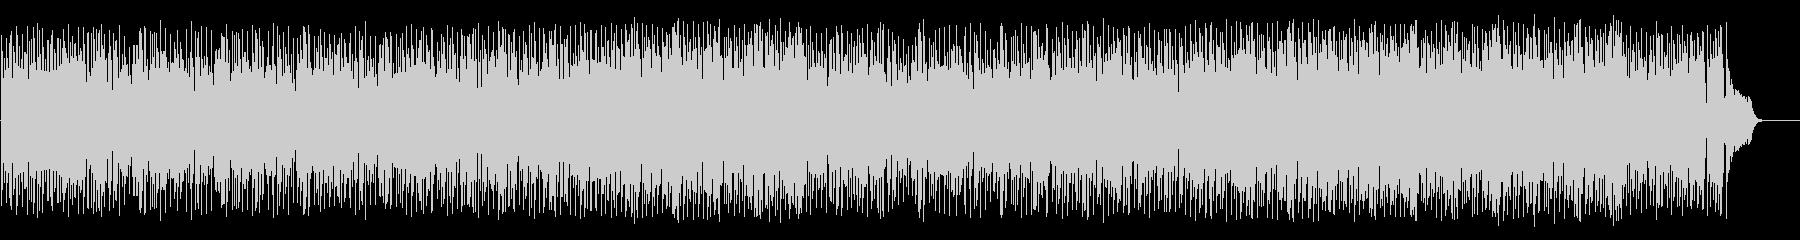 軽やかなフュージョン(フルサイズ)の未再生の波形